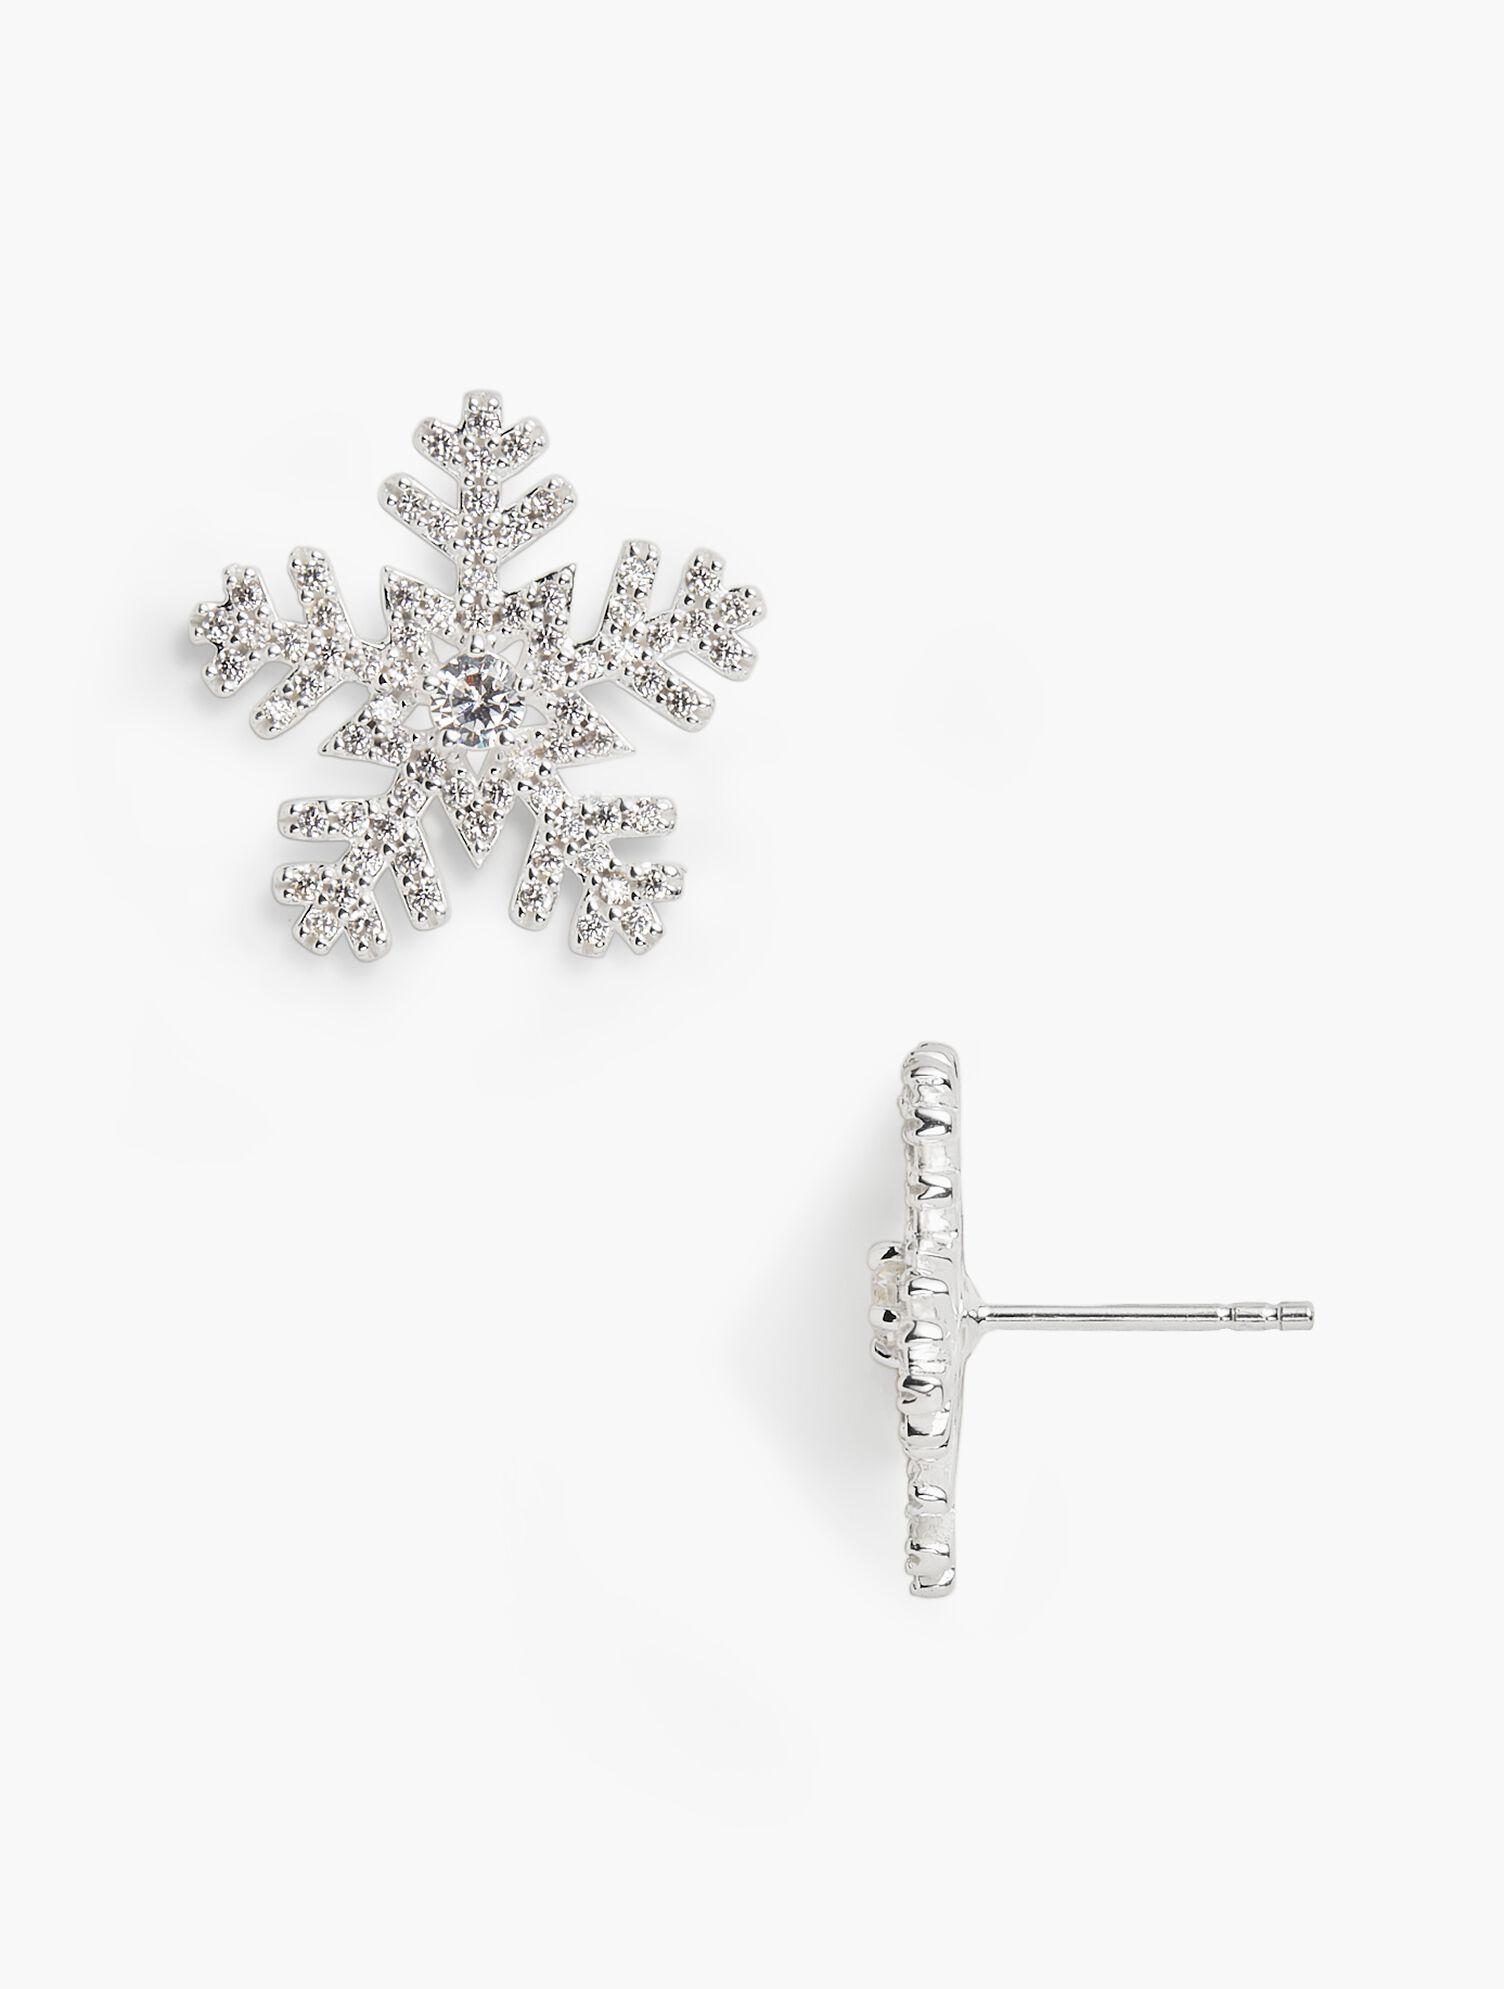 Snow flake silver earrings